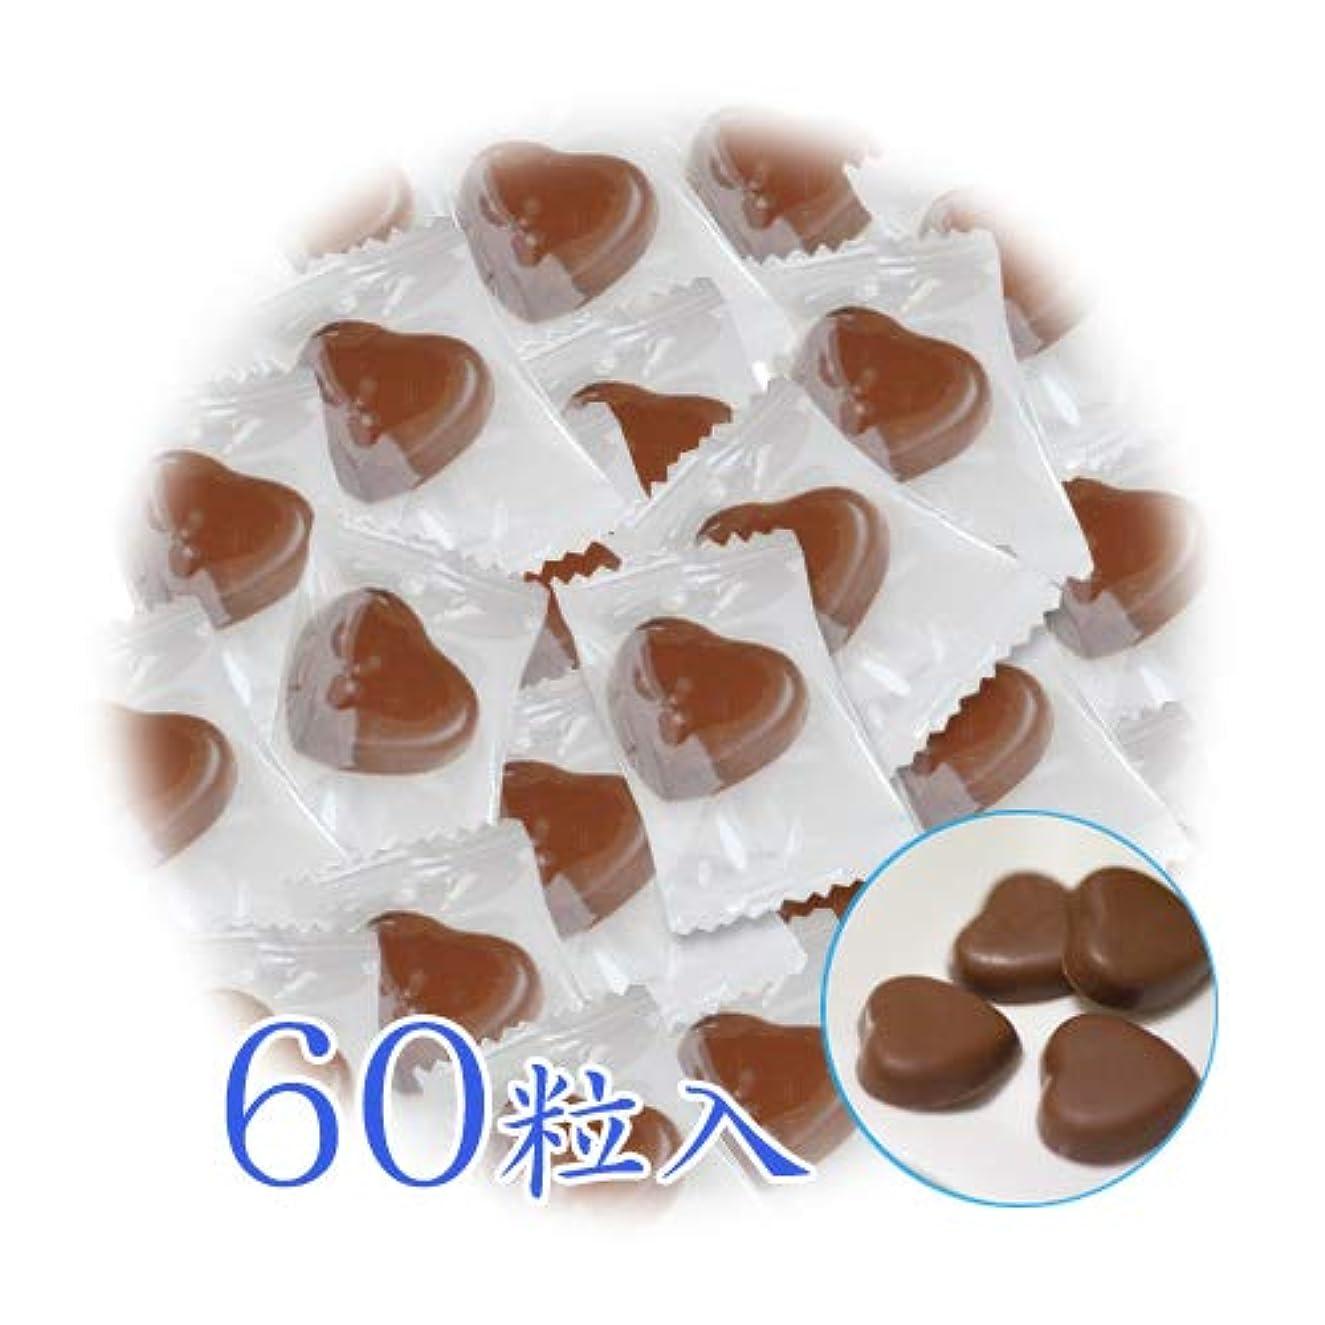 器用小競り合いの中でキシリトール 100% キシリの力 チョコレート 箱なし 個包装 3g×60粒